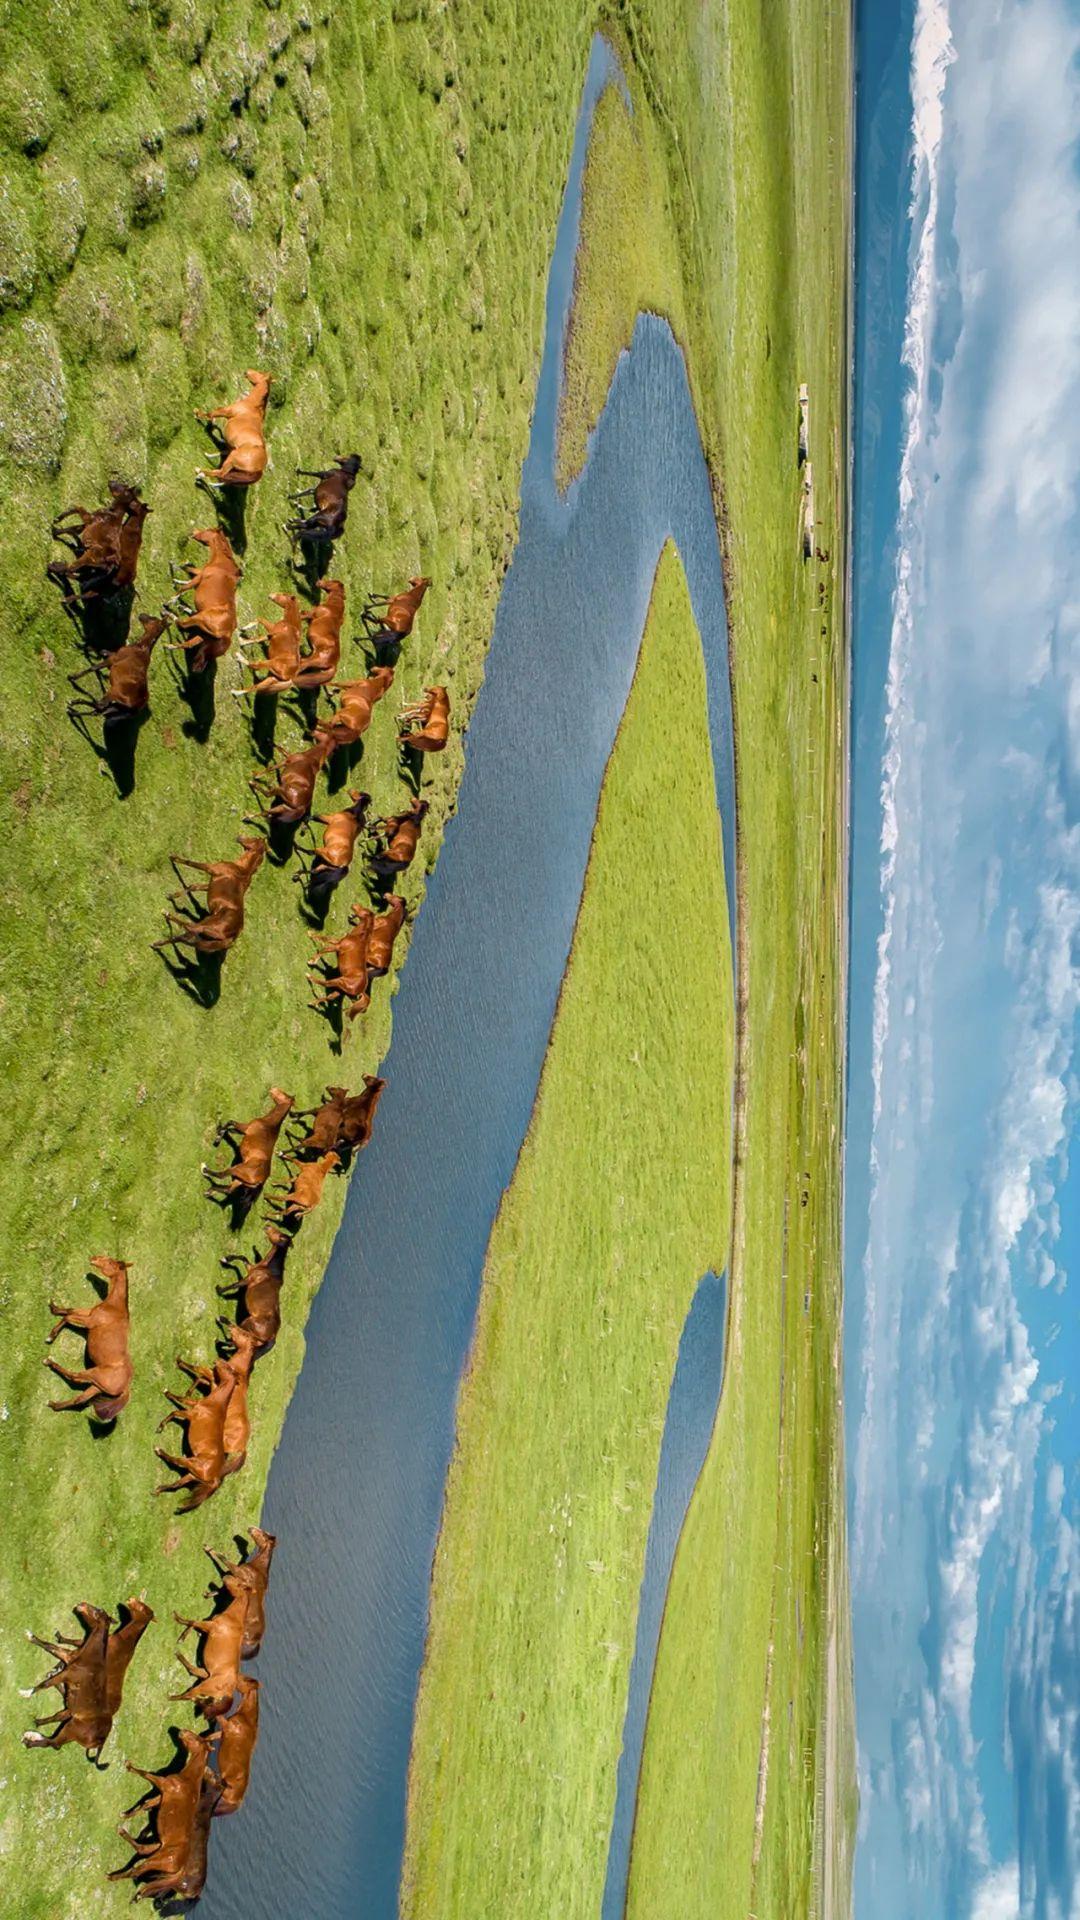 """▲ 群马奔腾在河畔,伊犁的昭苏是著名的""""天马之乡"""",盛产骏马。摄影/赖宇宁"""